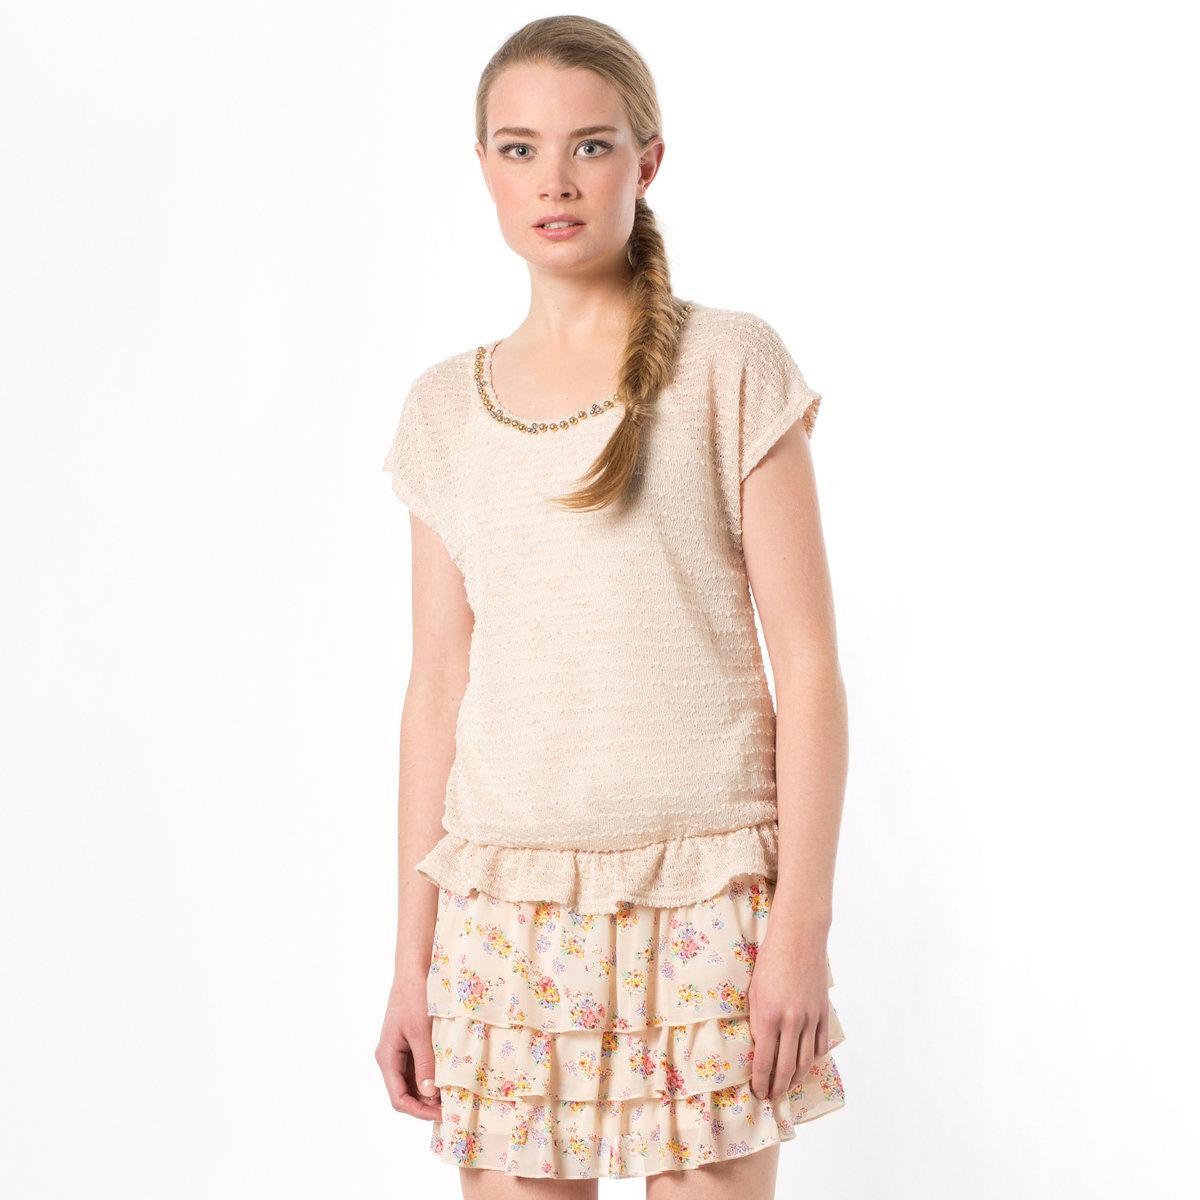 Платье и пуловерСнизу: платье. Верх из 65% полиэстера, 35% хлопка, тонкие бретели. Низ из 3 воланов из вуали с цветочным рисунком, 100% полиэстера. Сверху: пуловер. Короткие рукава, закругленный вырез, широкий покрой. Трикотаж, 83% вискозы, 17% полиэстера.<br><br>Цвет: экрю<br>Размер: единый размер